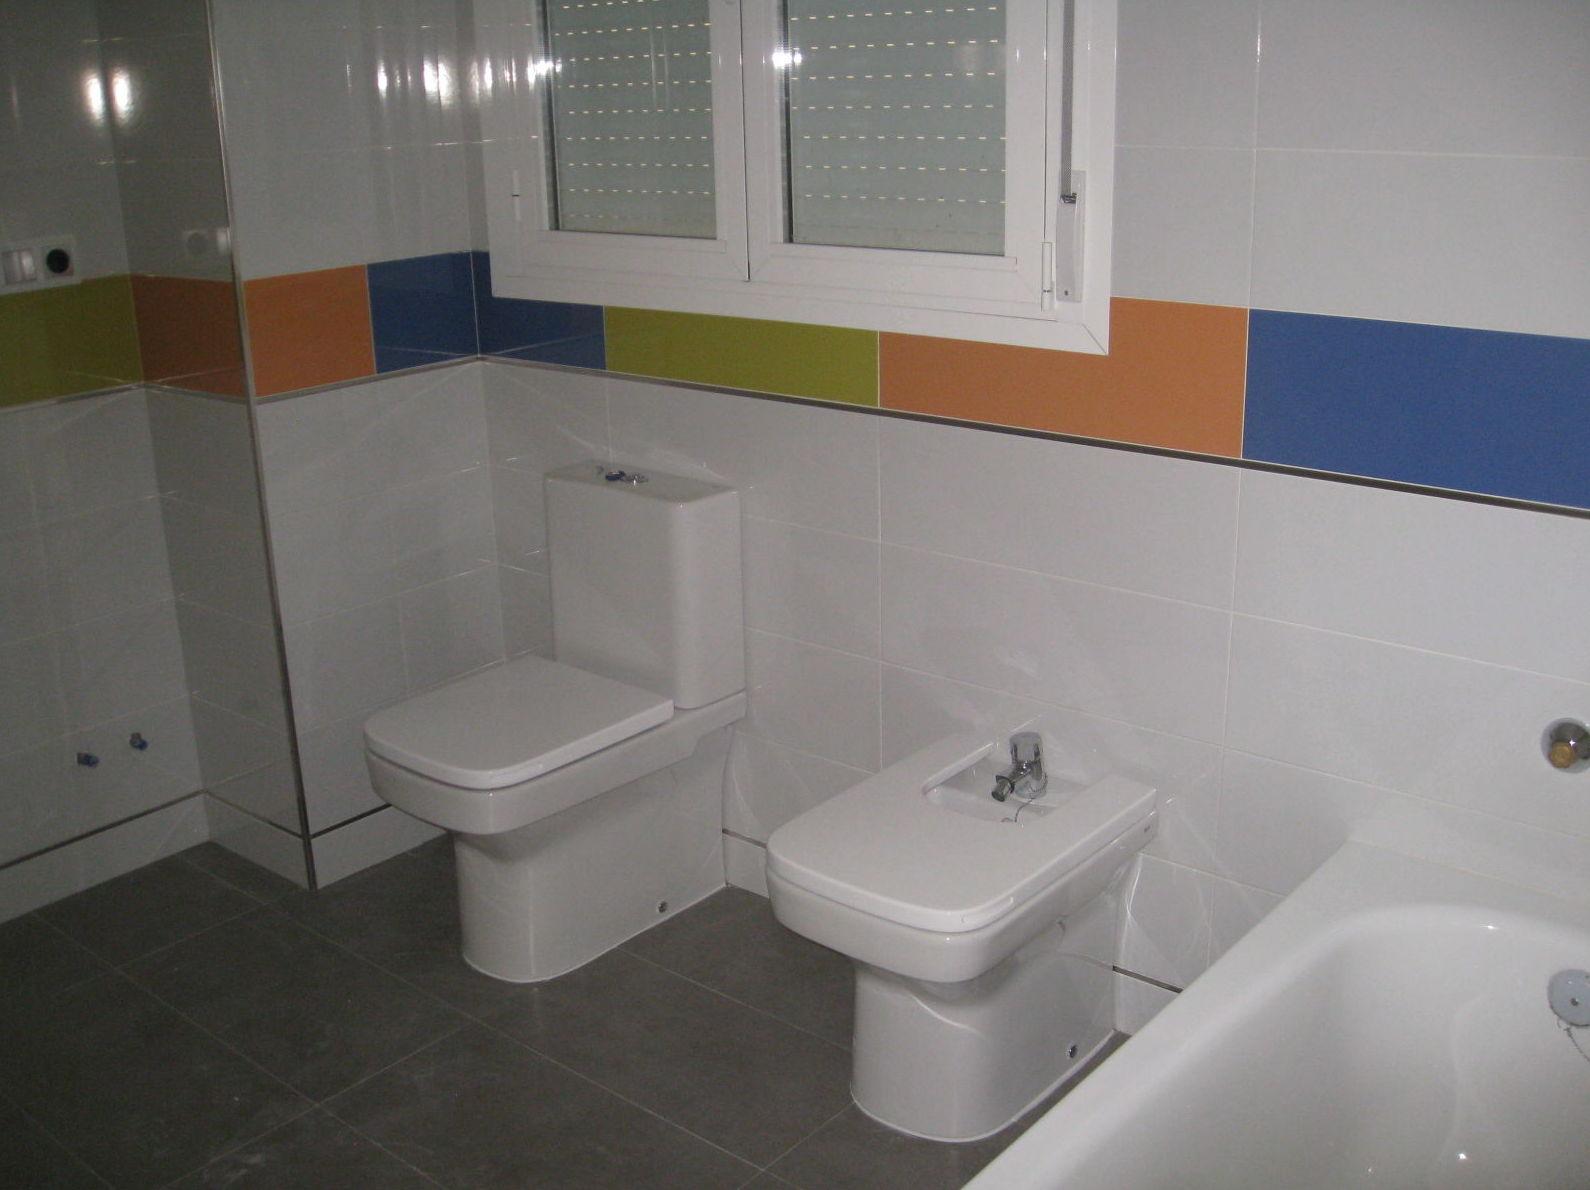 Foto de un cuarto baño, con sanitario instalado